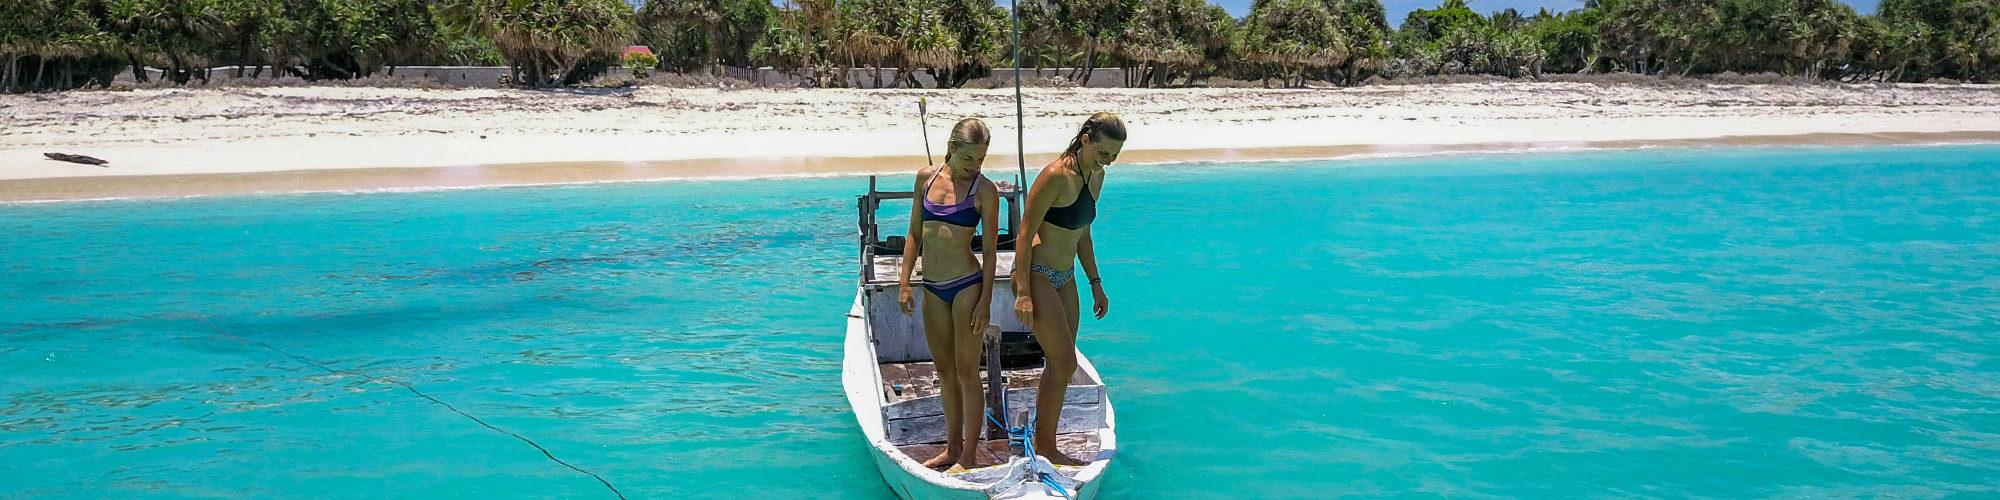 blue water white sand nemberala girls besialu indonesia rote island